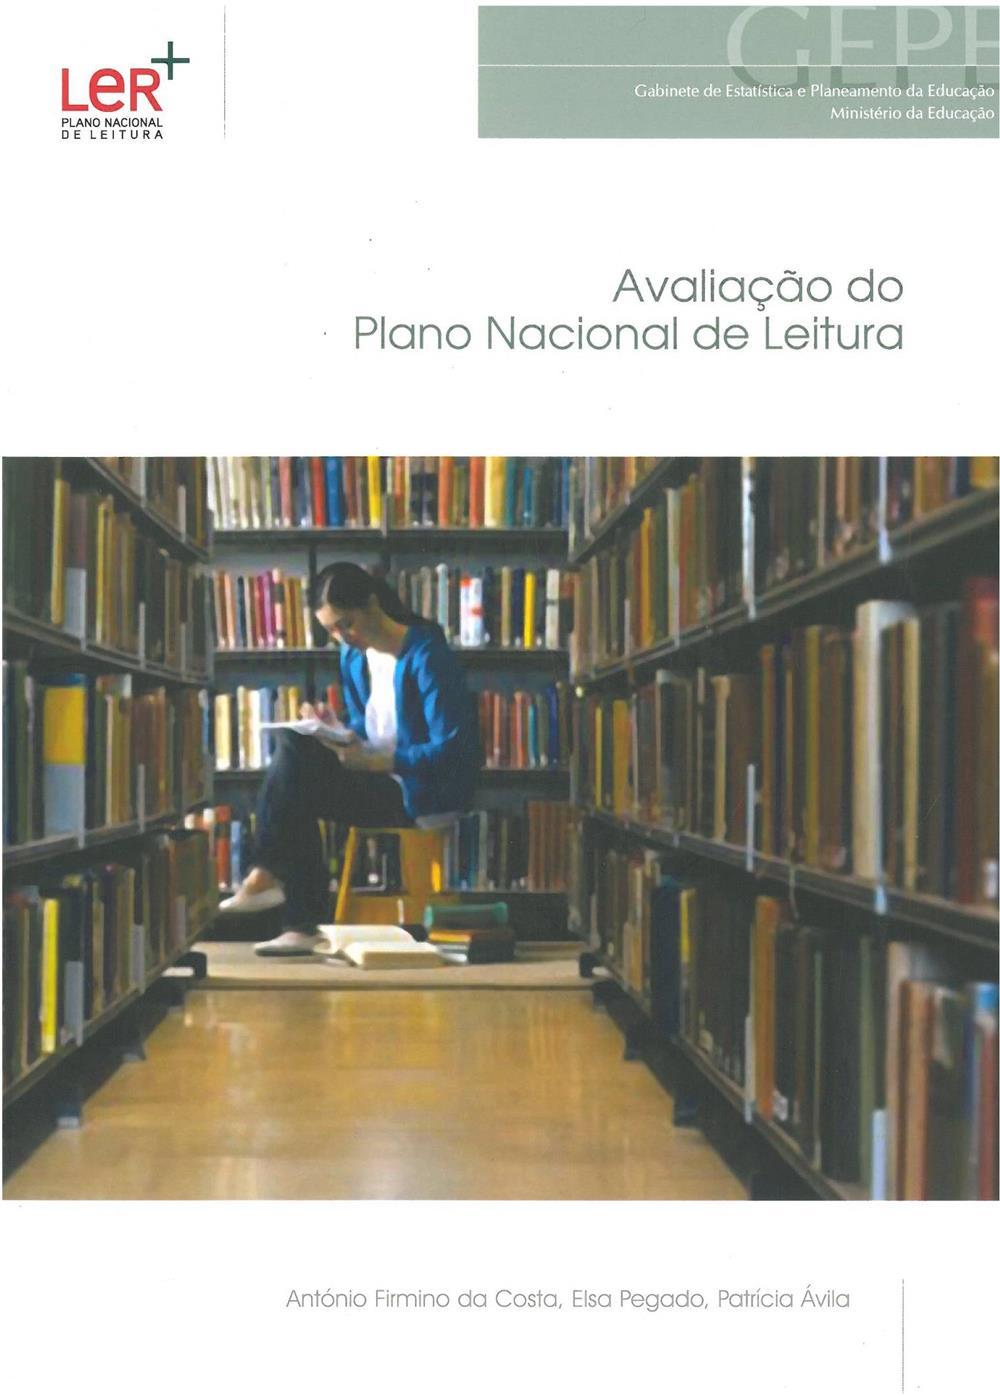 Avaliação do Plano Nacional de Leitura_.jpg